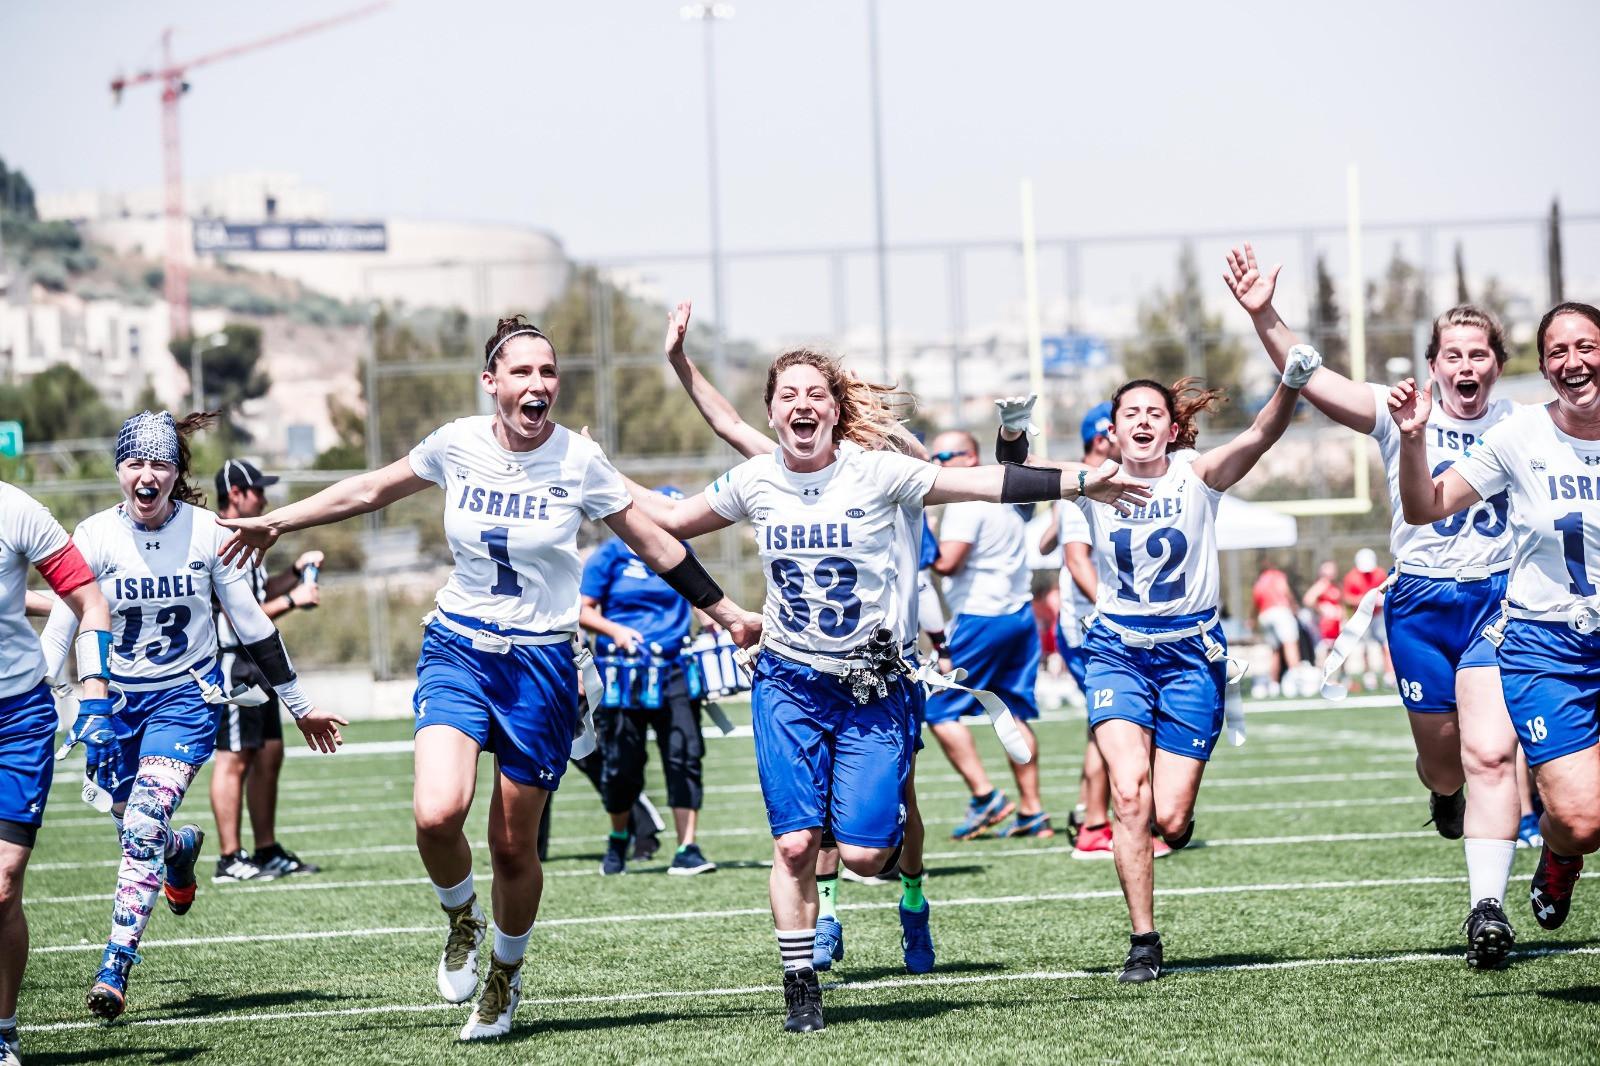 Los siete mejores equipos en las competiciones masculinas y femeninas se clasificarán para los Juegos Mundiales AFI 2022.